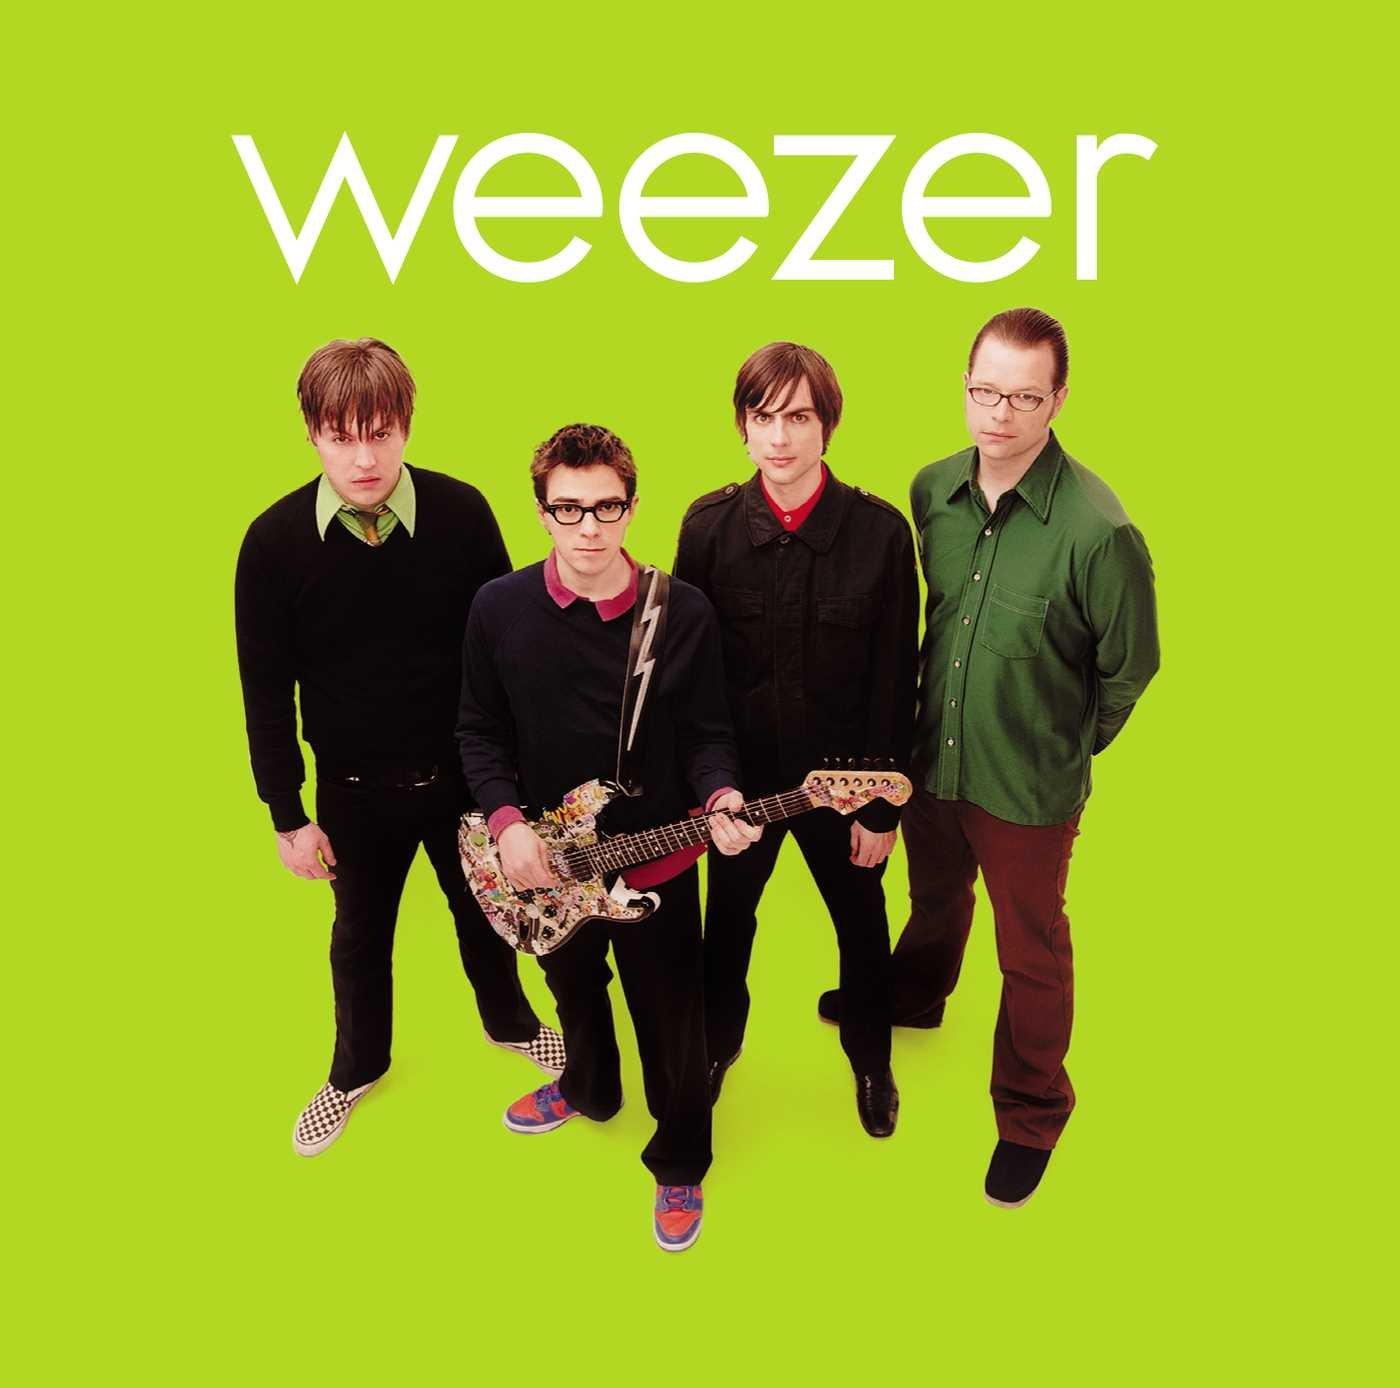 Weezer – Weezer Green Album (2001) [FLAC]